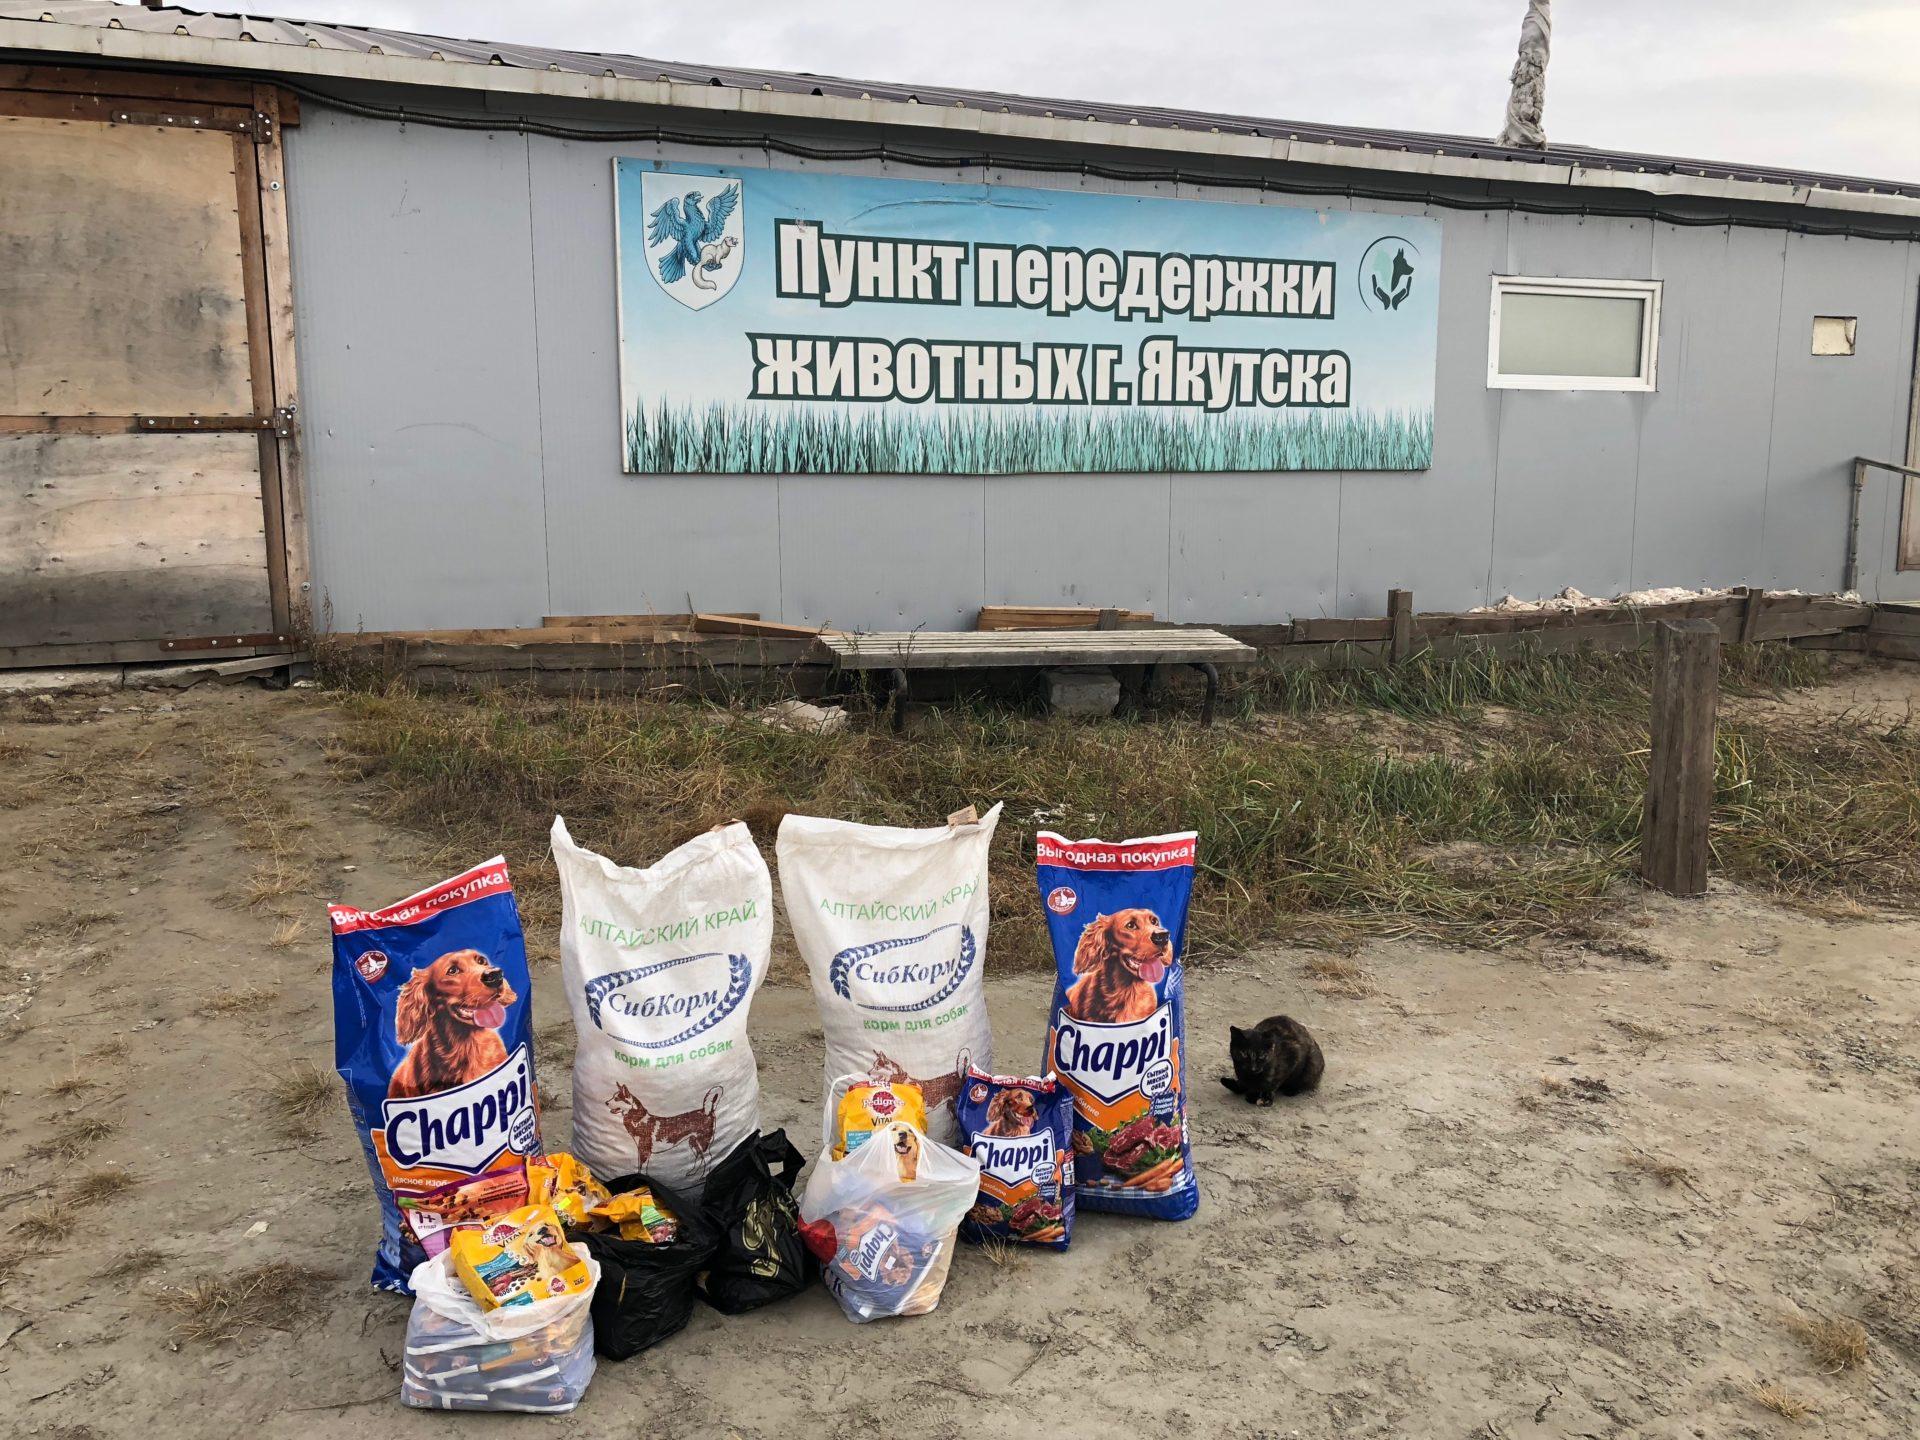 Предприятия и учреждения Губинского округа собрали 68 кг корма для Пункта передержки животных